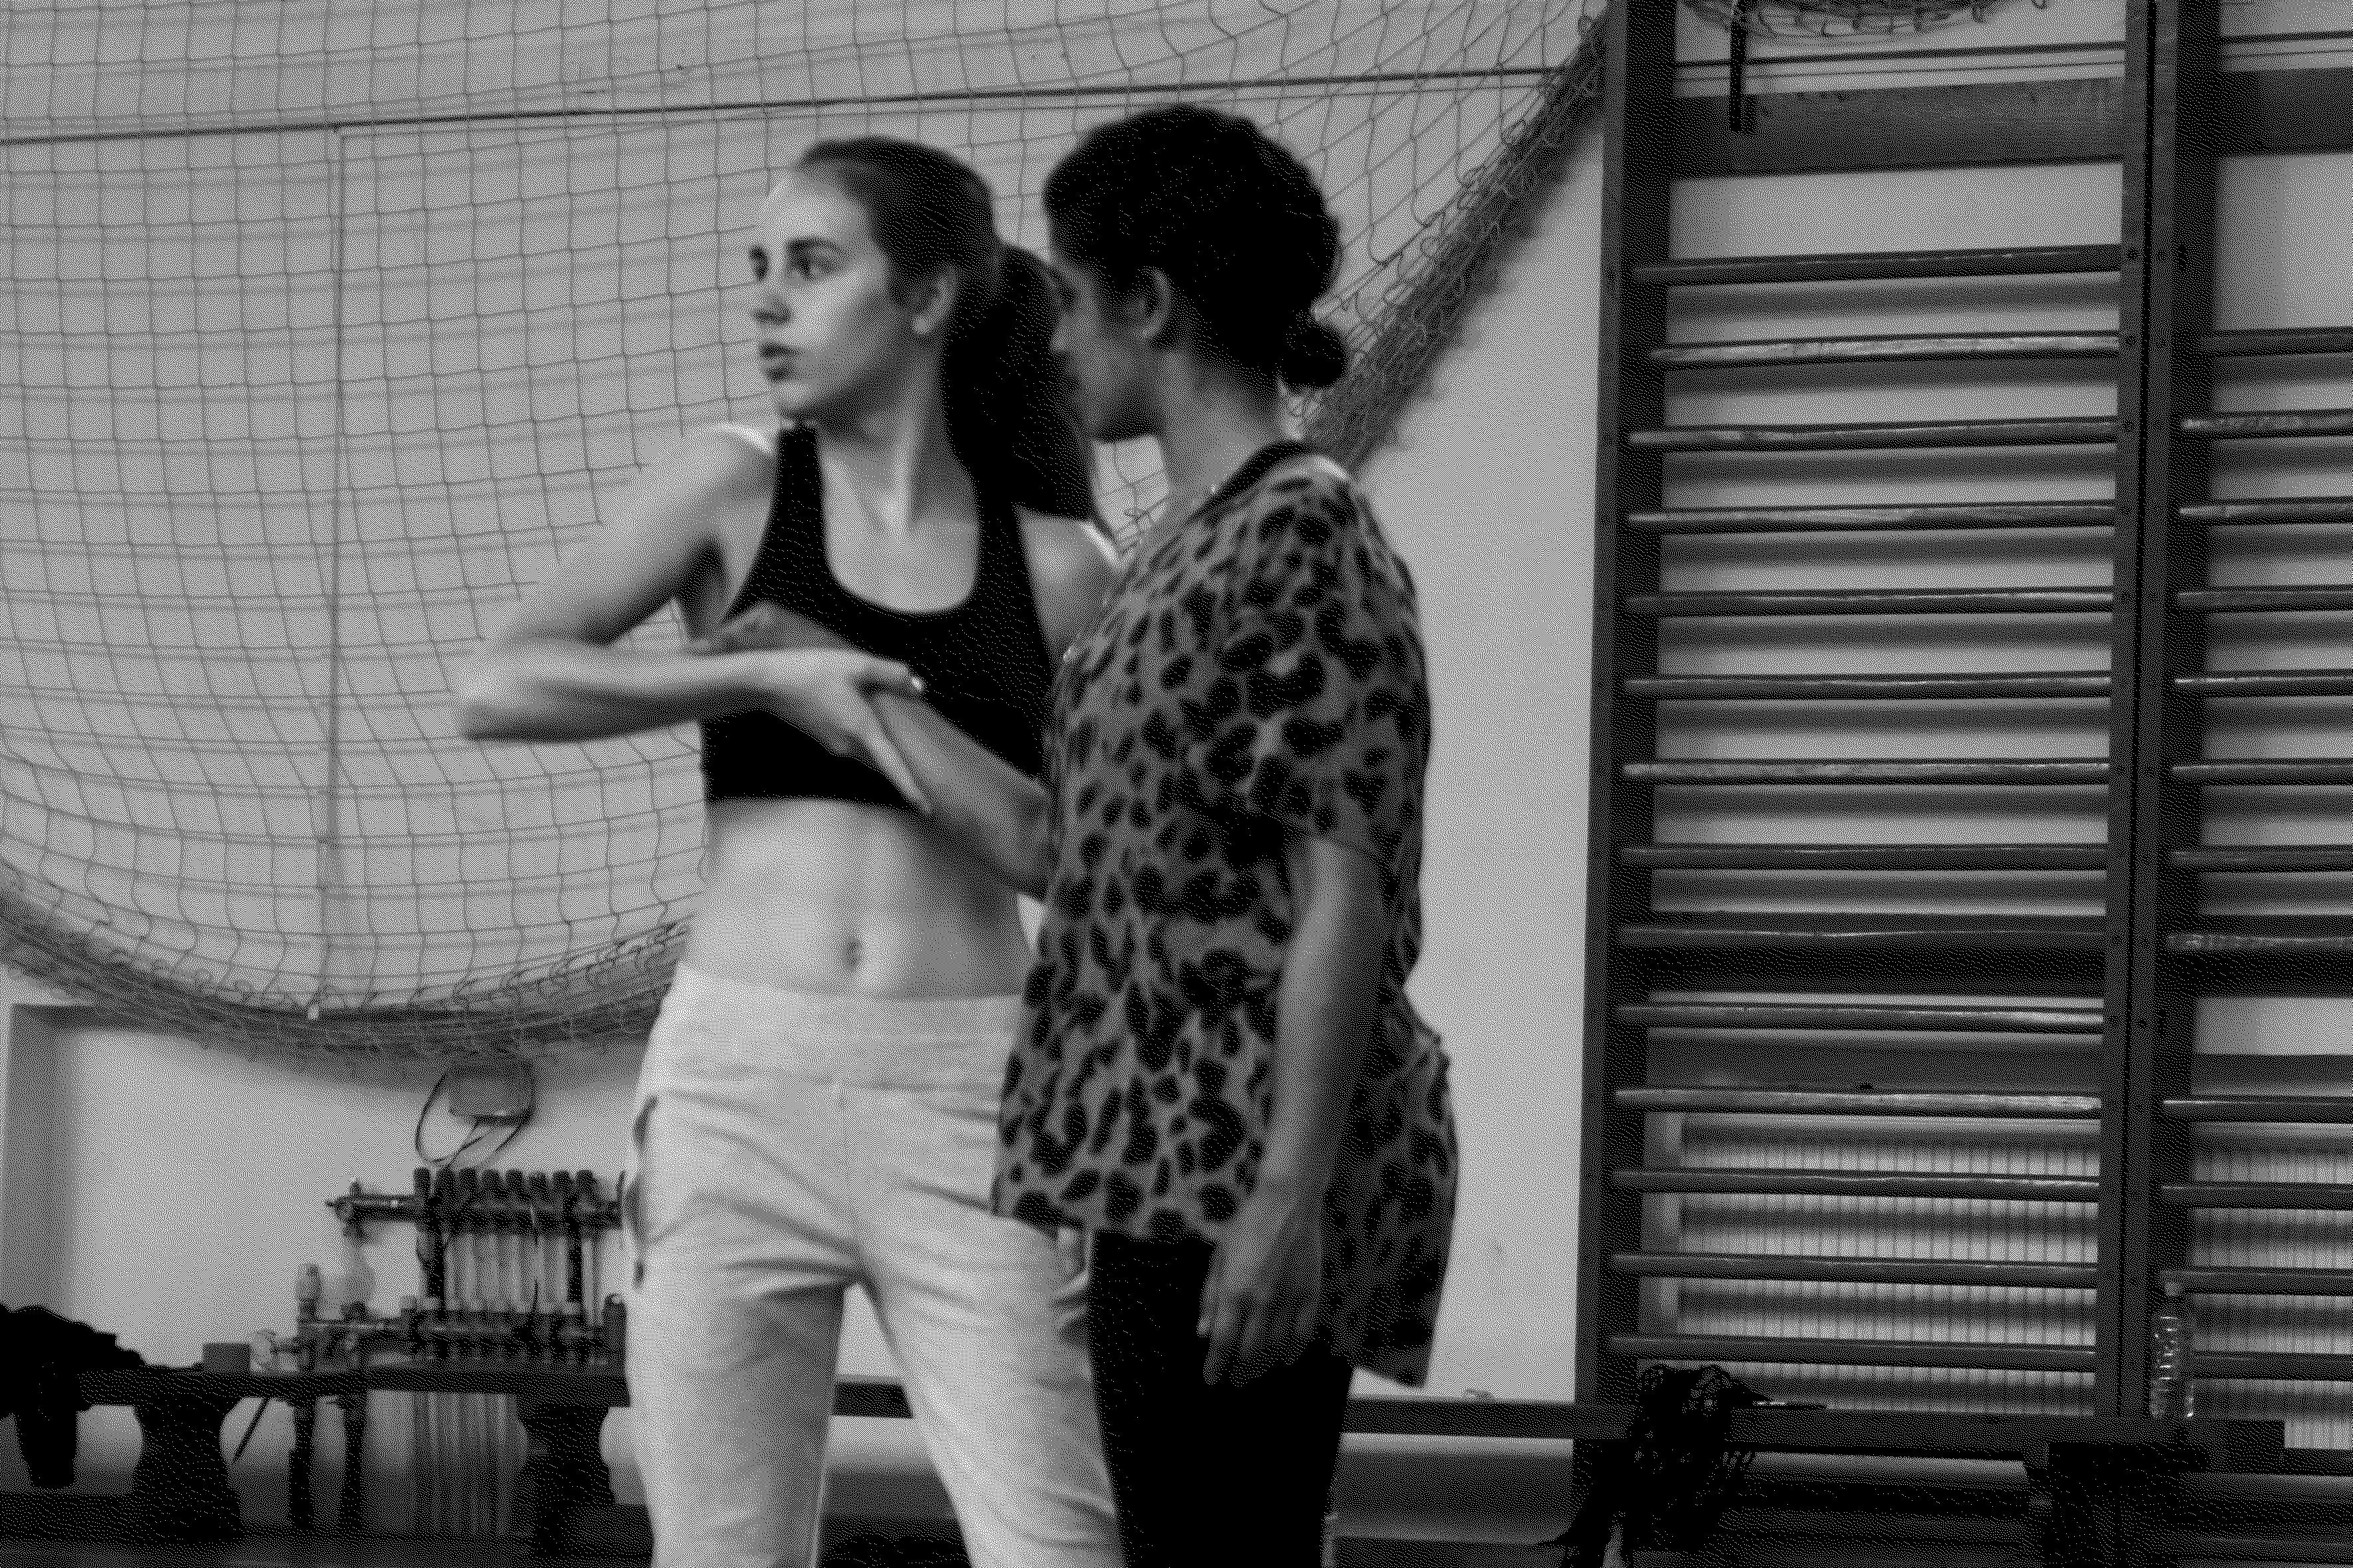 0X7A0459